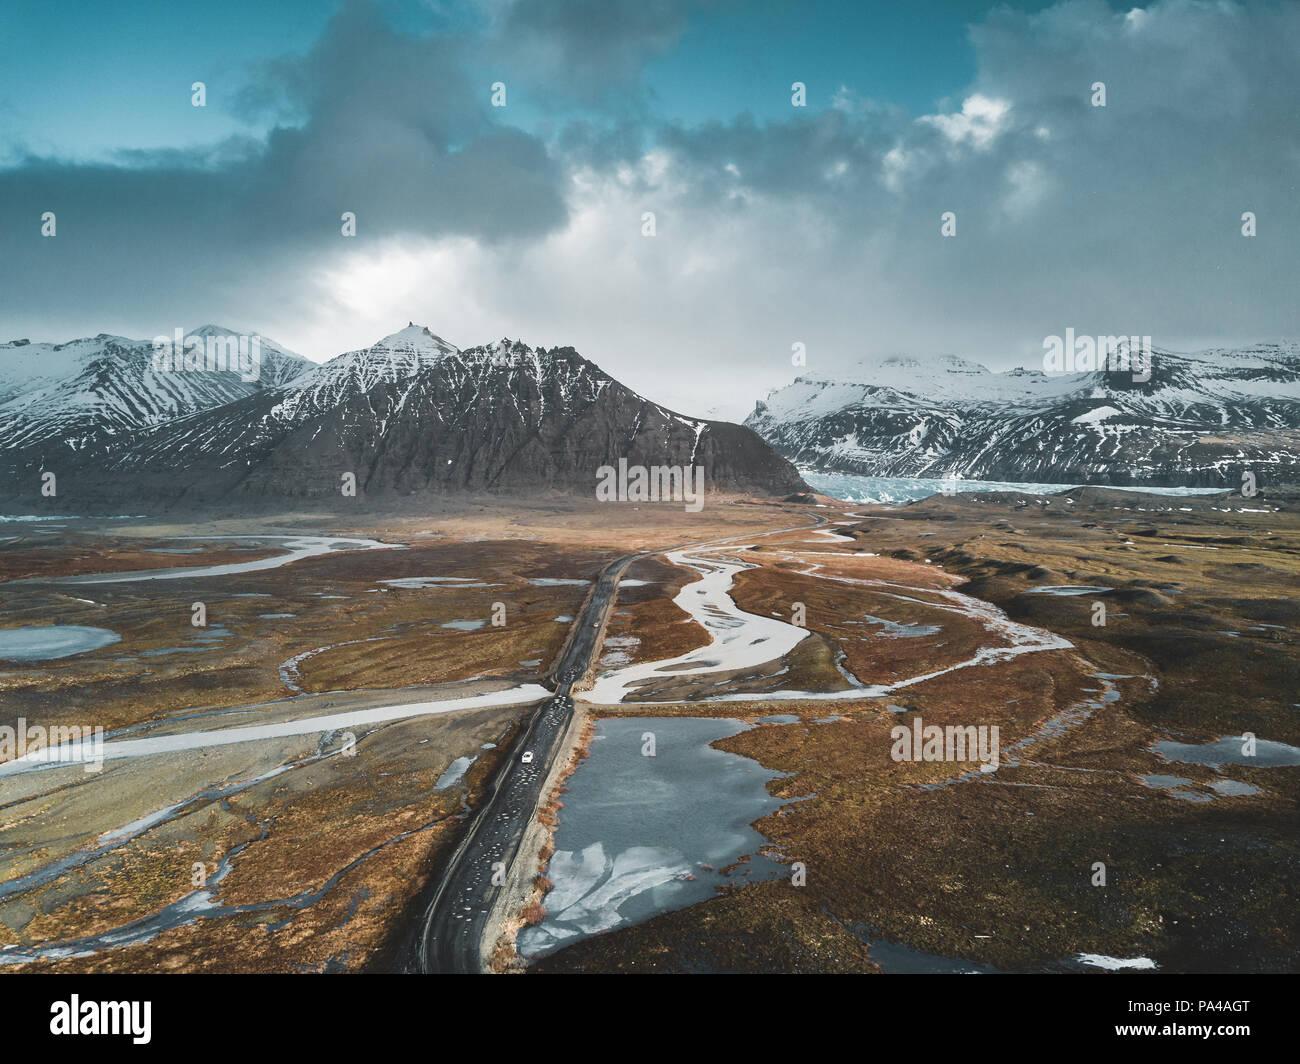 Vatnajökull Gletscher Antenne drone Bild mit Straße Autobahn und Wolken und blauer Himmel. Dramatische winter Szene des Vatnajökull National Park, Island, Europa. Schönheit der Natur Konzept Hintergrund. Stockbild